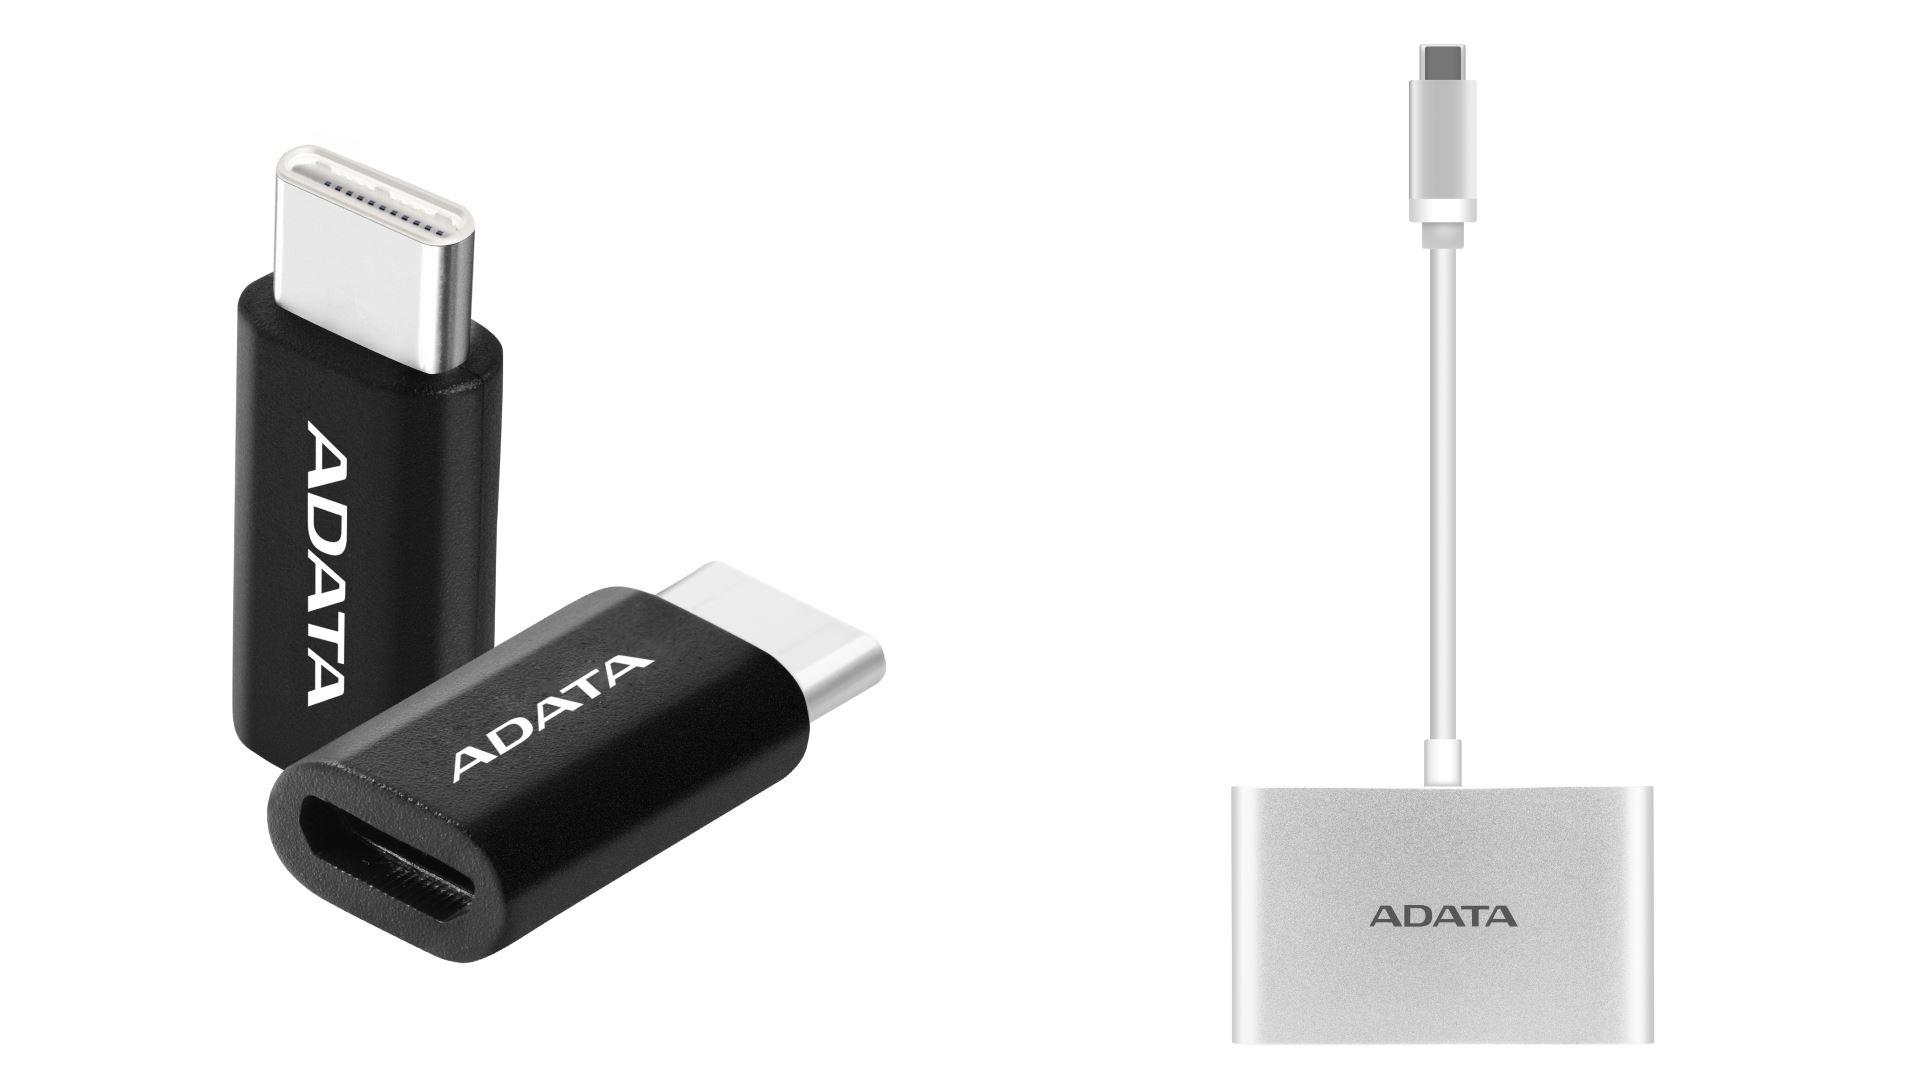 На изображении рендеры переходника с MicroUSB на USB–C и хаба USB–C из новой линейки ADATA